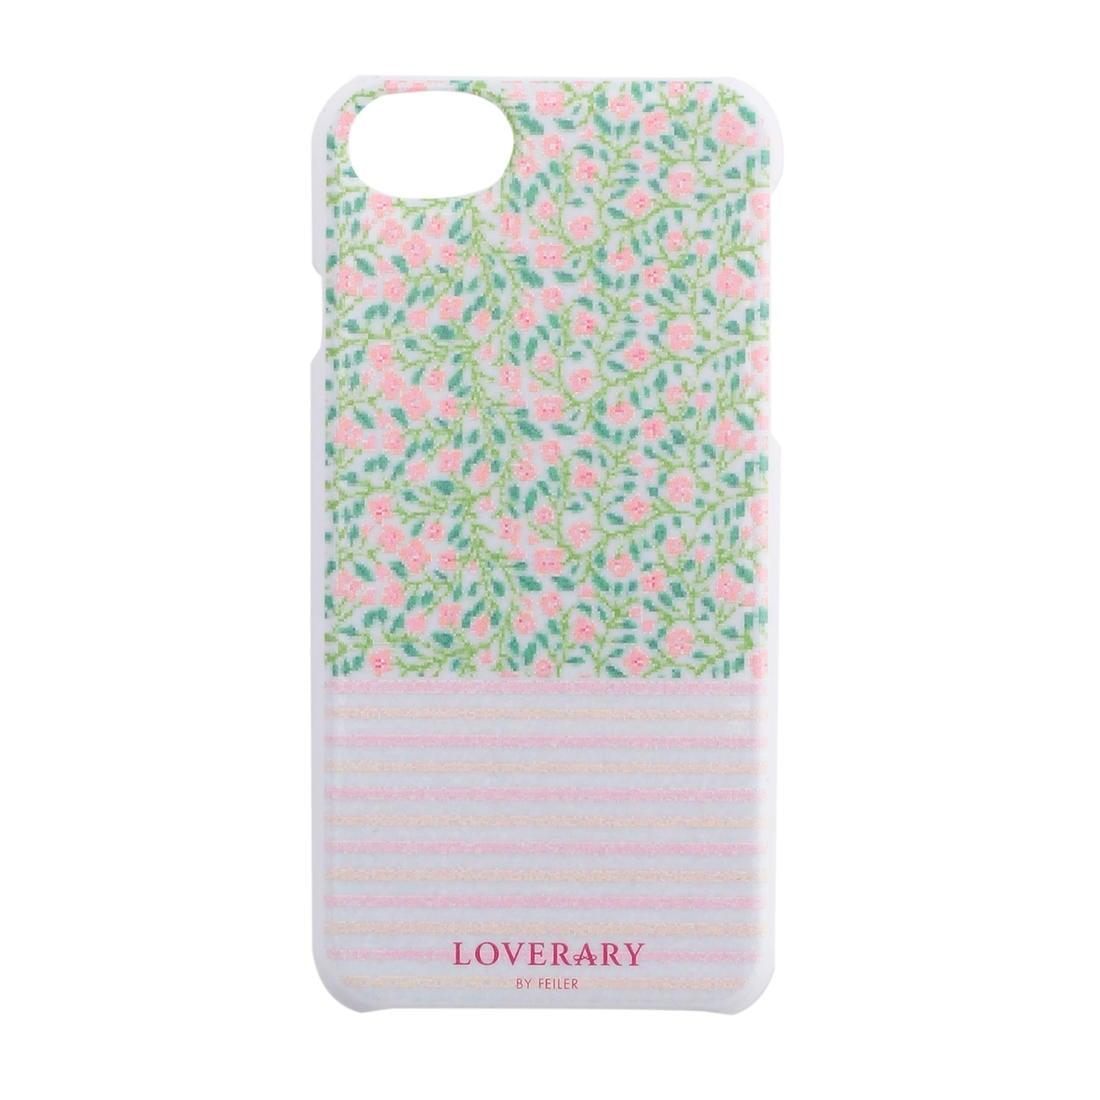 カルメリーナ iPhoneケース(7・8対応) L/ACAM-183036